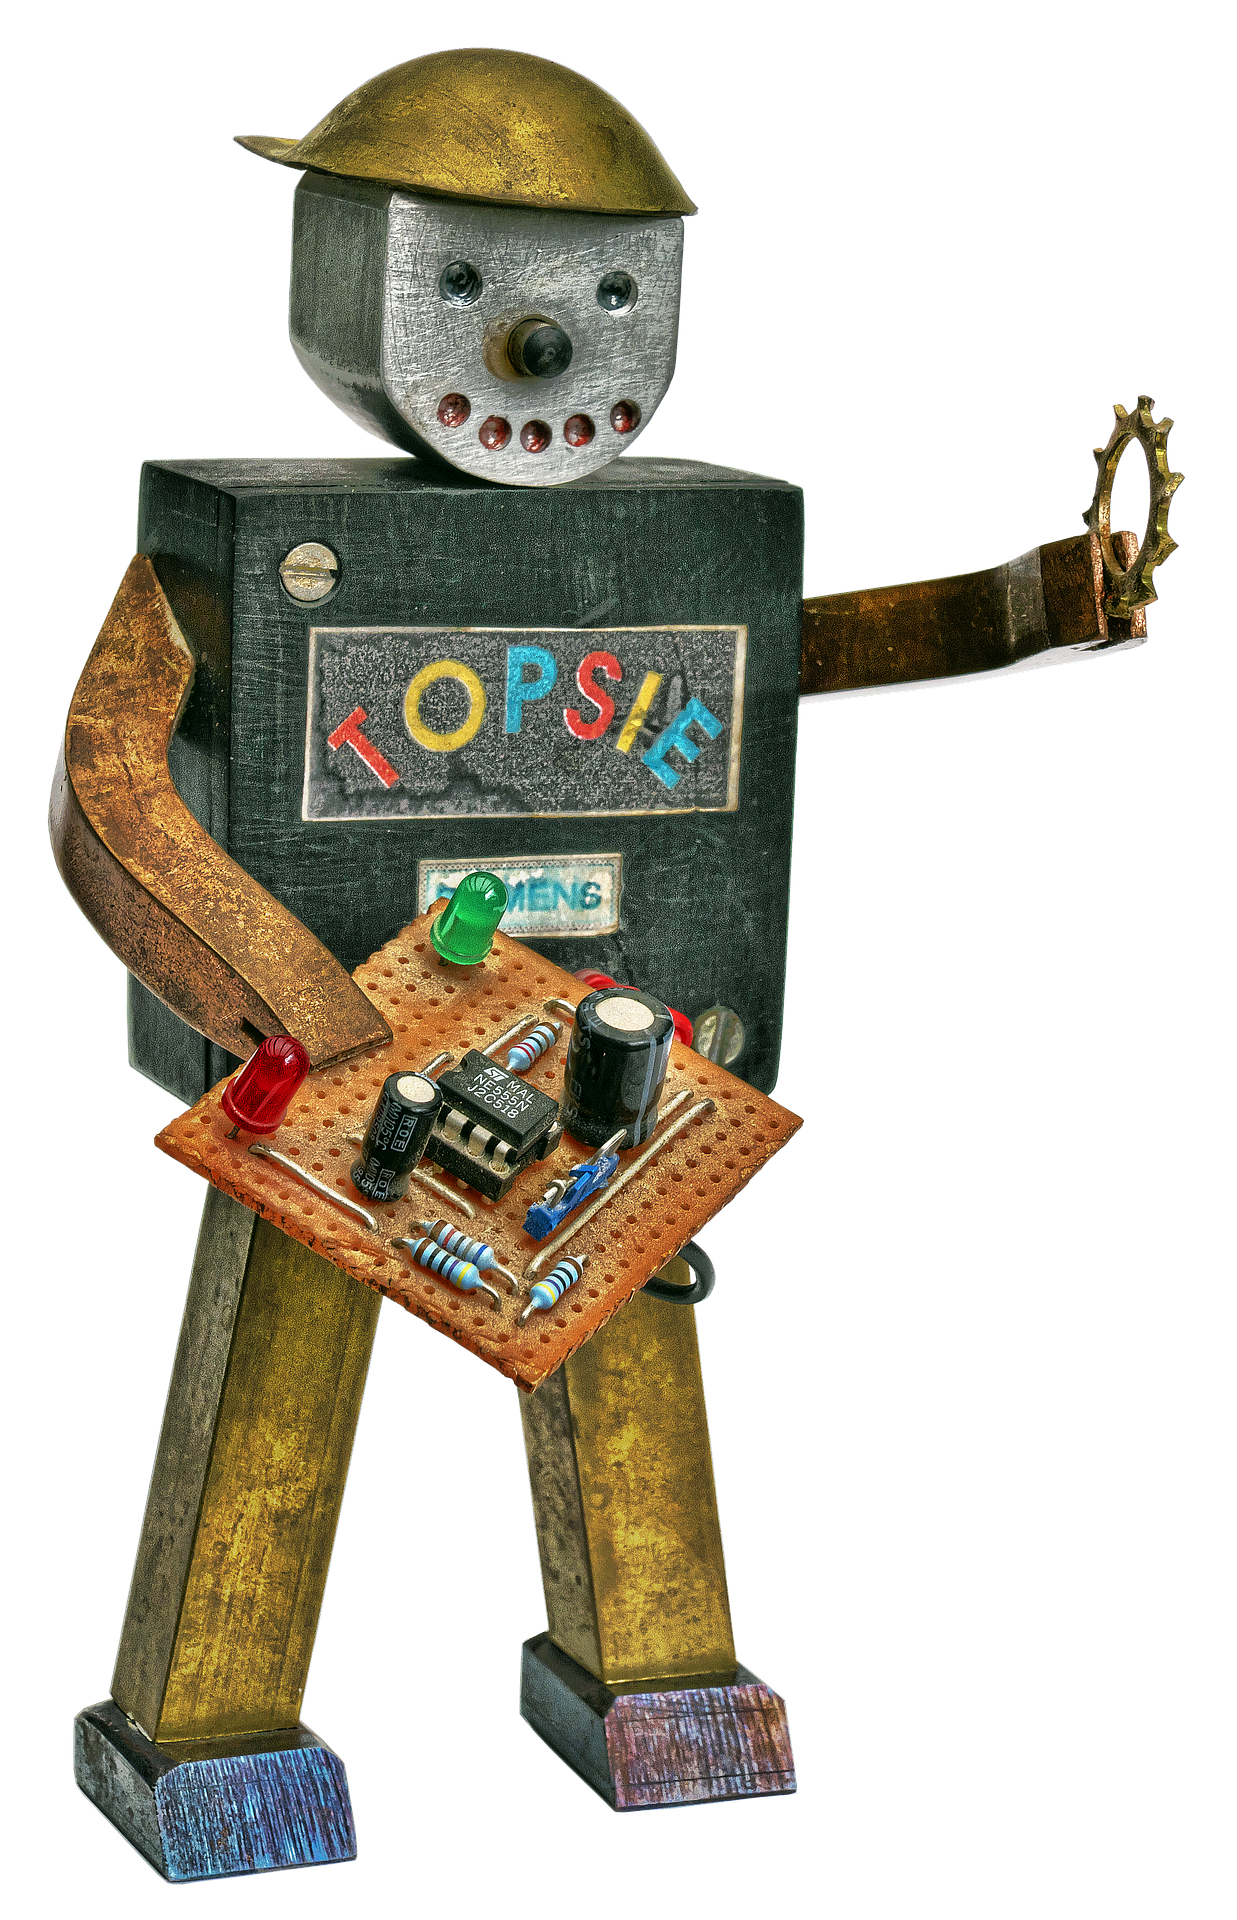 robot-2750683_1920.png